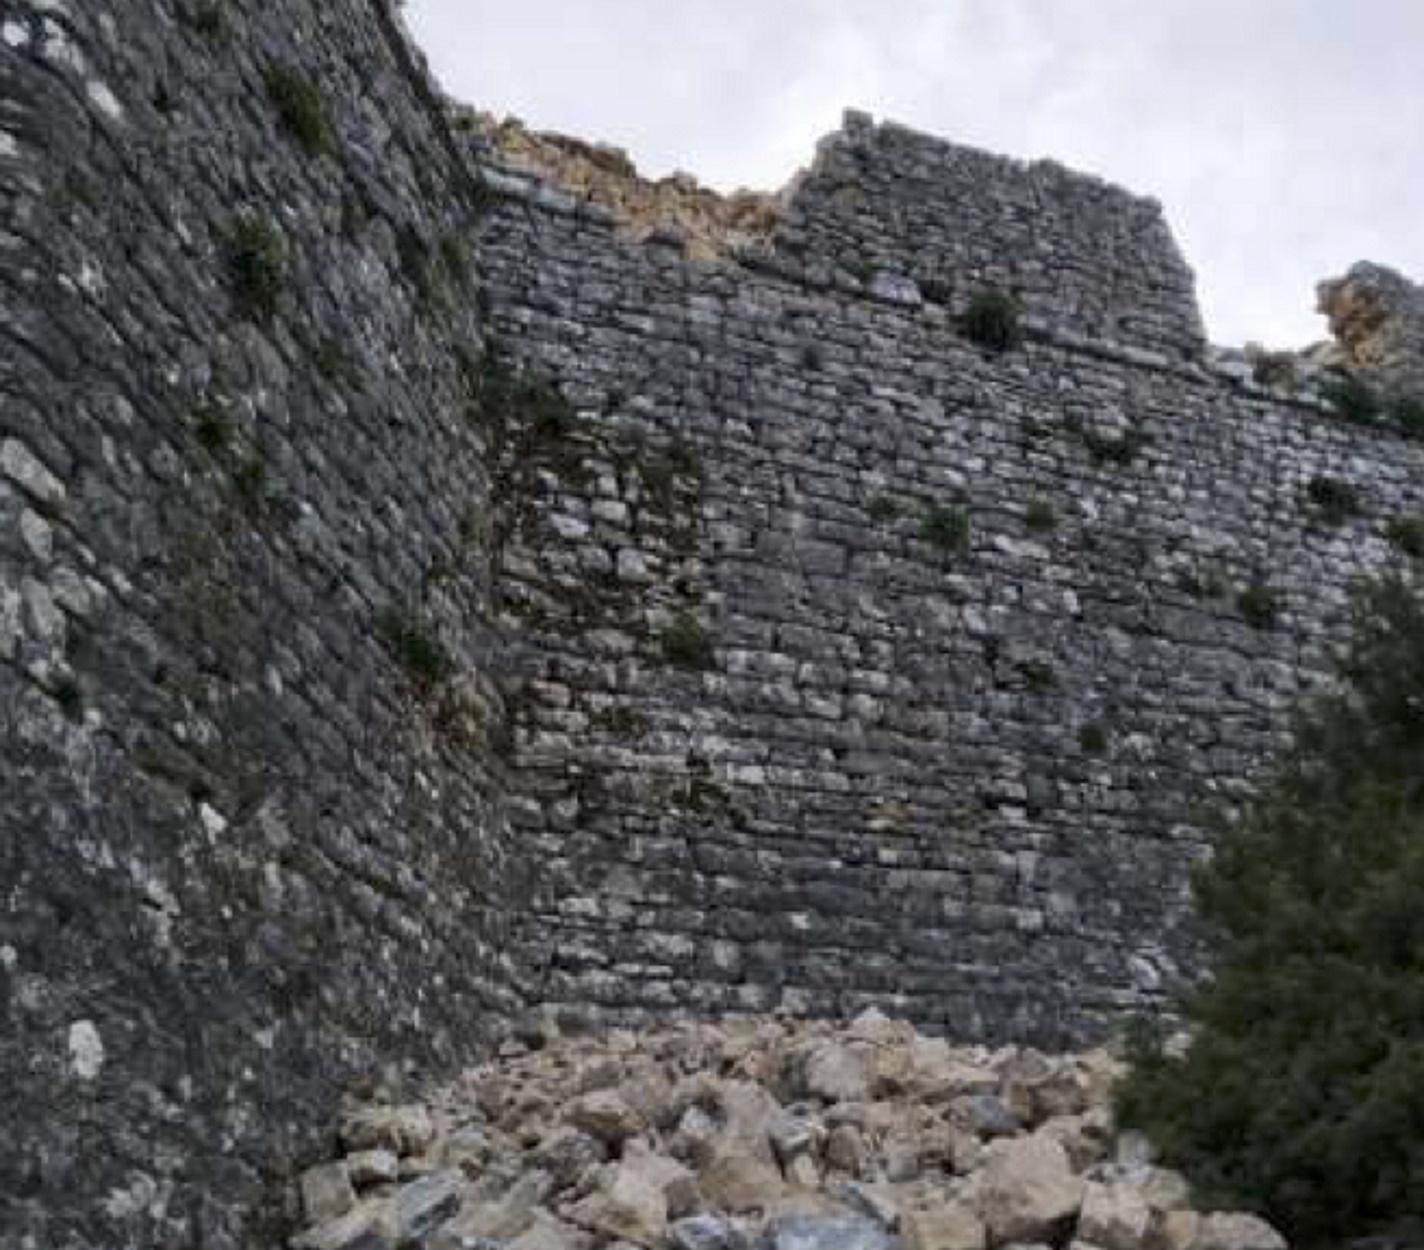 Ρέθυμνο: Πτώση ανθρώπου σε φρεάτιο στο κάστρο της Φορτέτζας